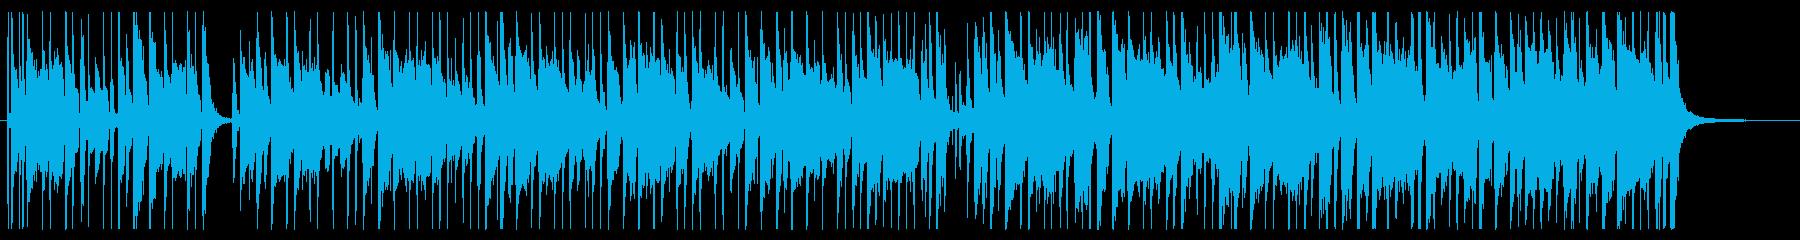 サラサラ ジャズ ラテン 壮大 バ...の再生済みの波形